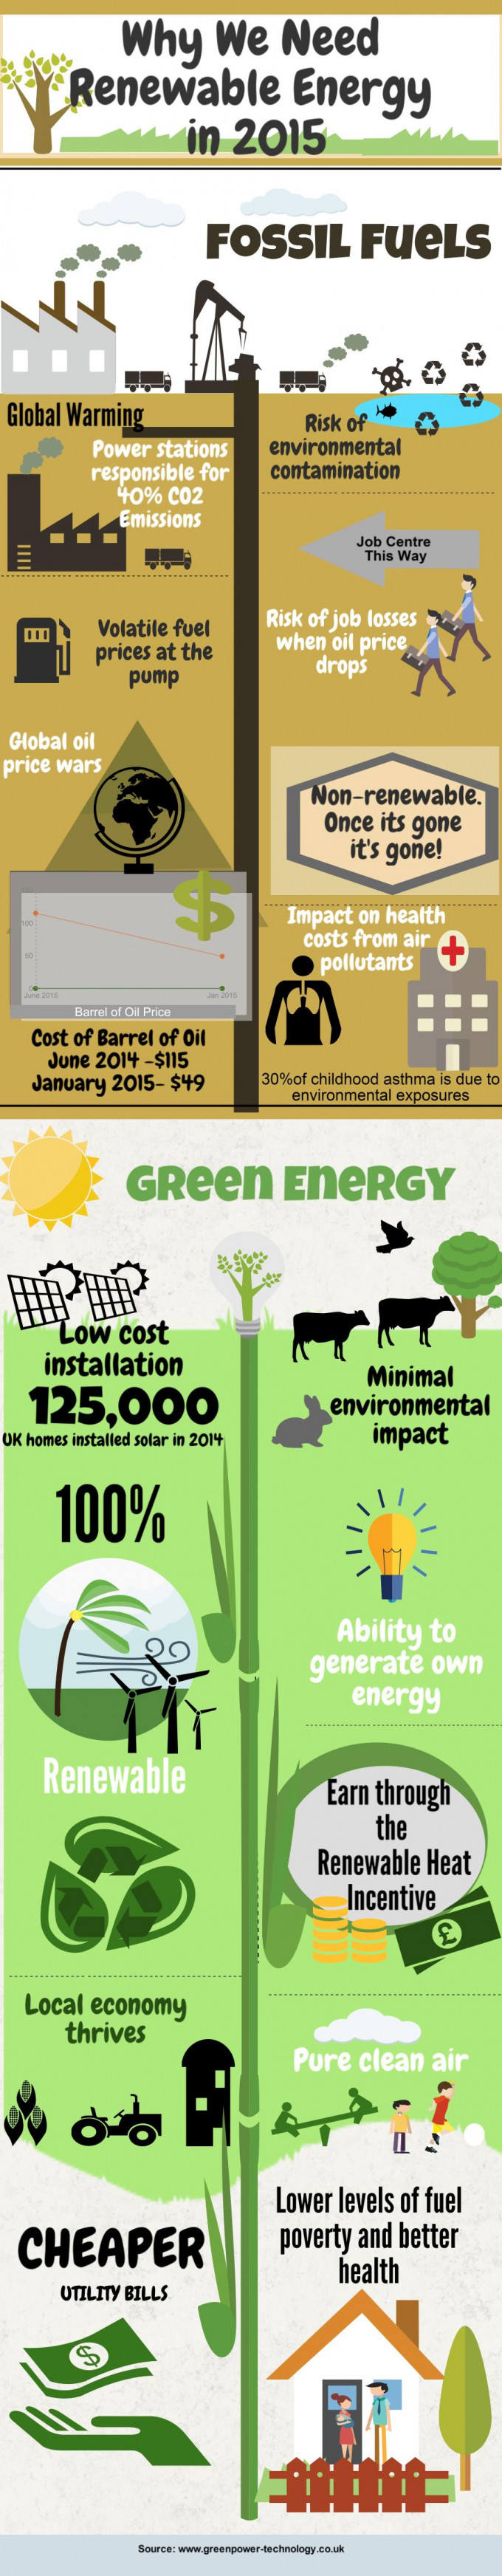 Why We Need Renewable Energy in 2015